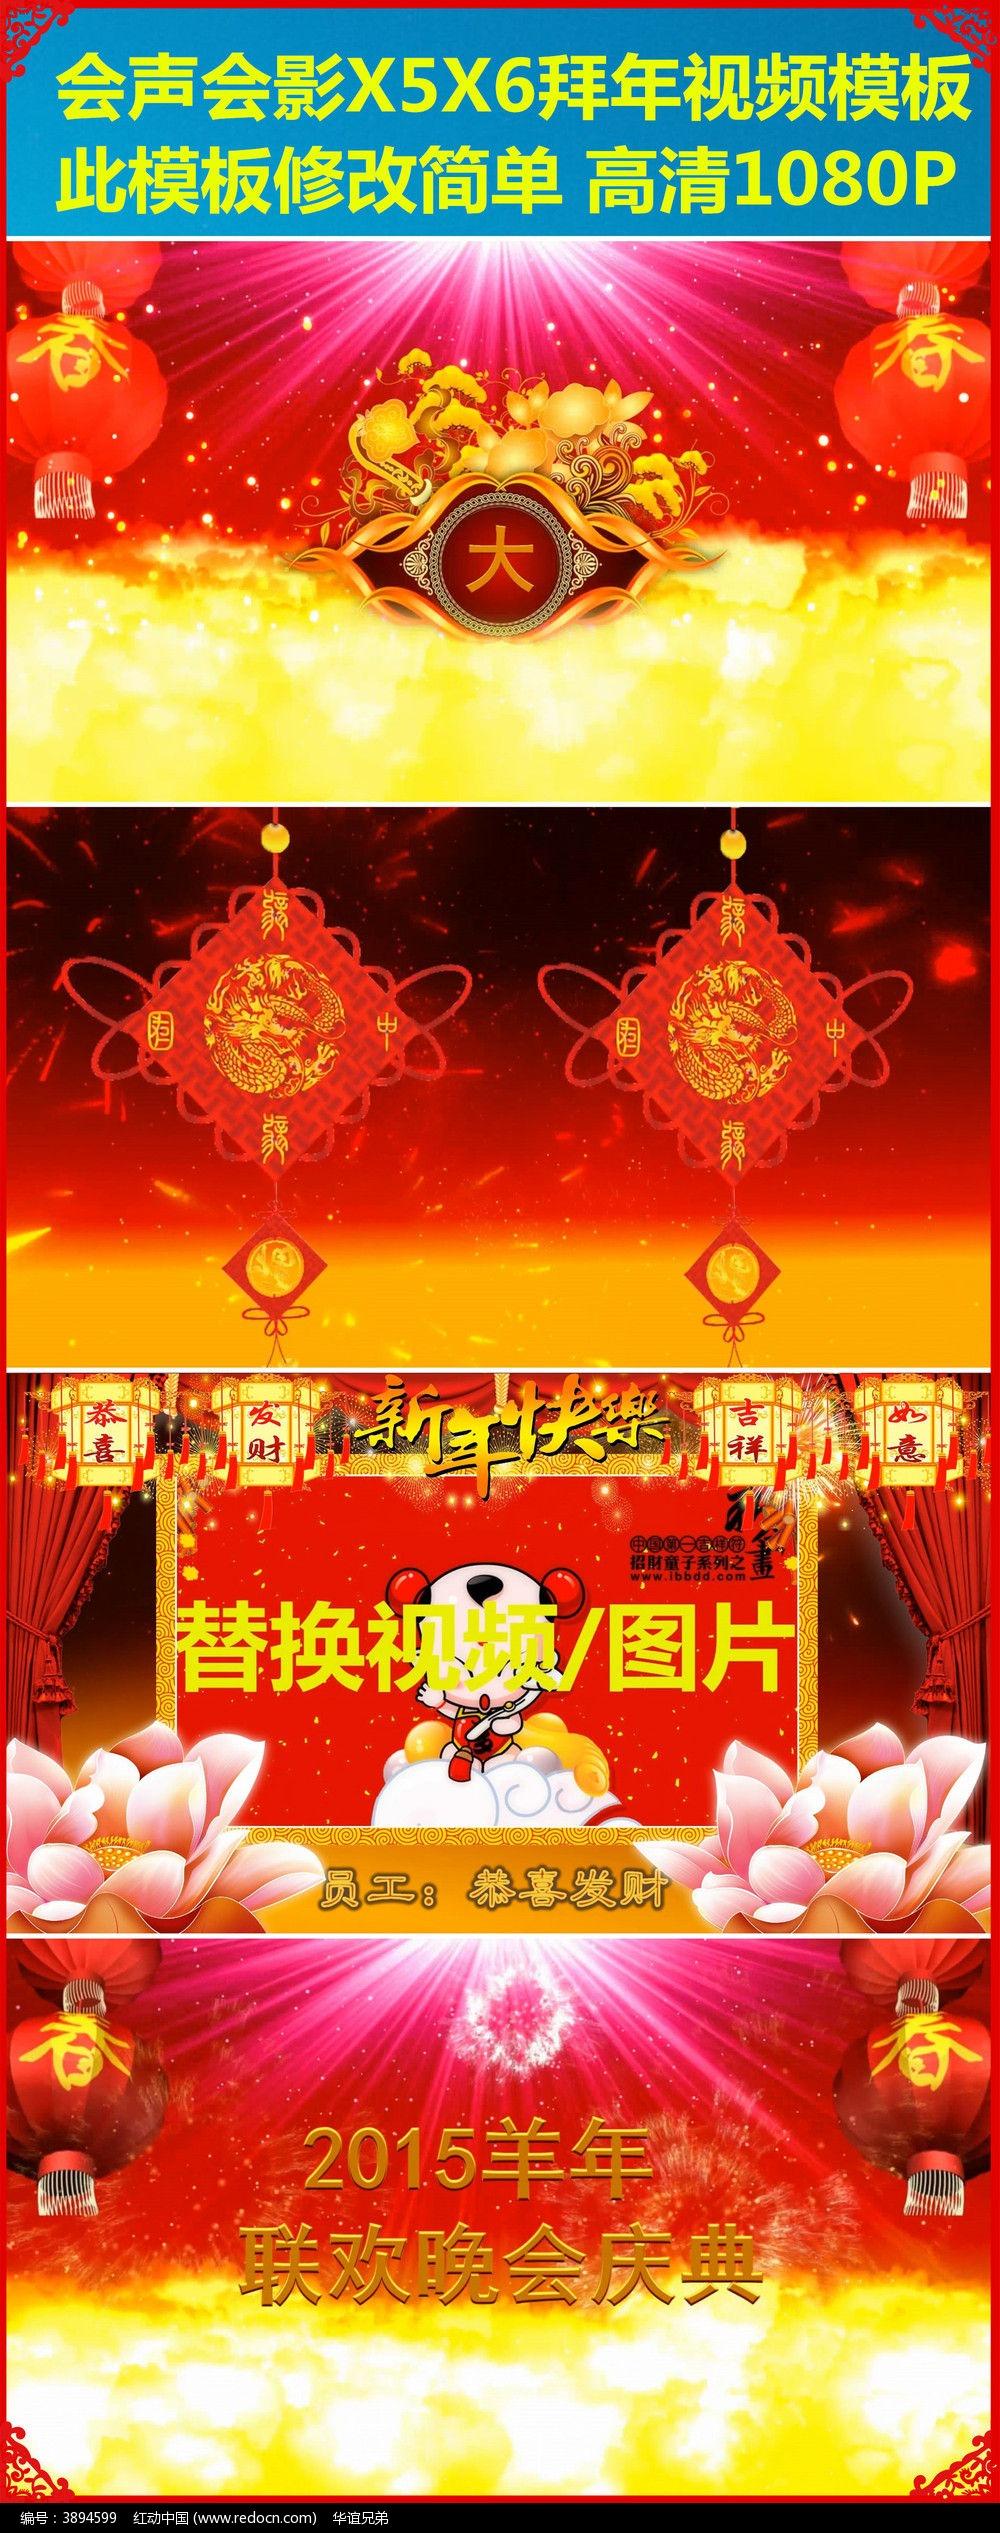 会声会影x5x6x7春节拜年视频模板